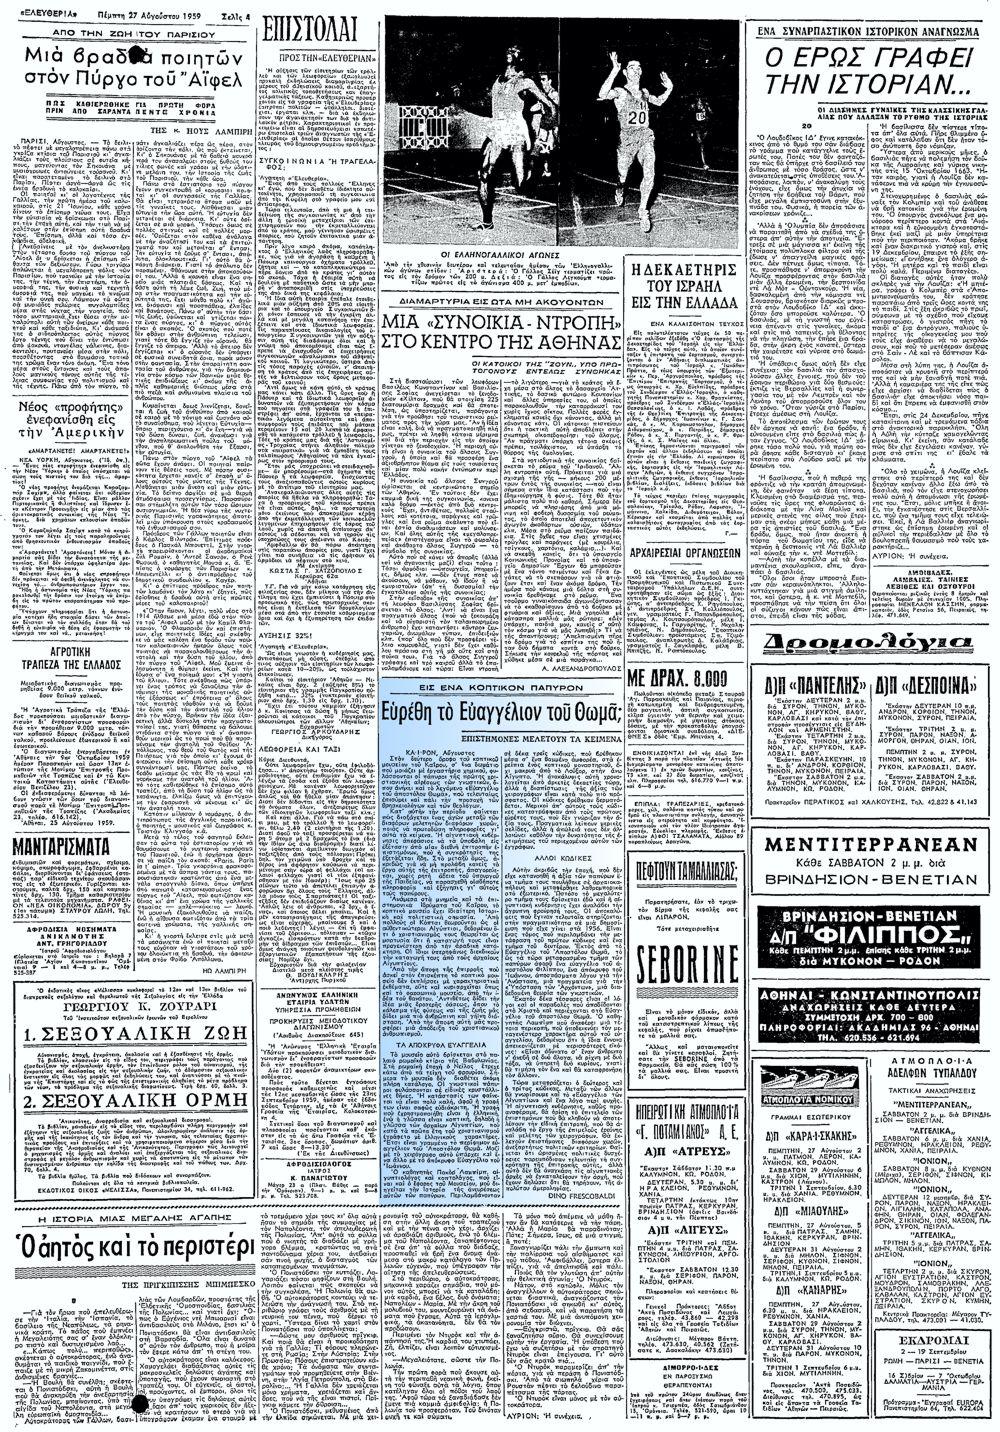 """Το άρθρο, όπως δημοσιεύθηκε στην εφημερίδα """"ΕΛΕΥΘΕΡΙΑ"""", στις 27/08/1959"""